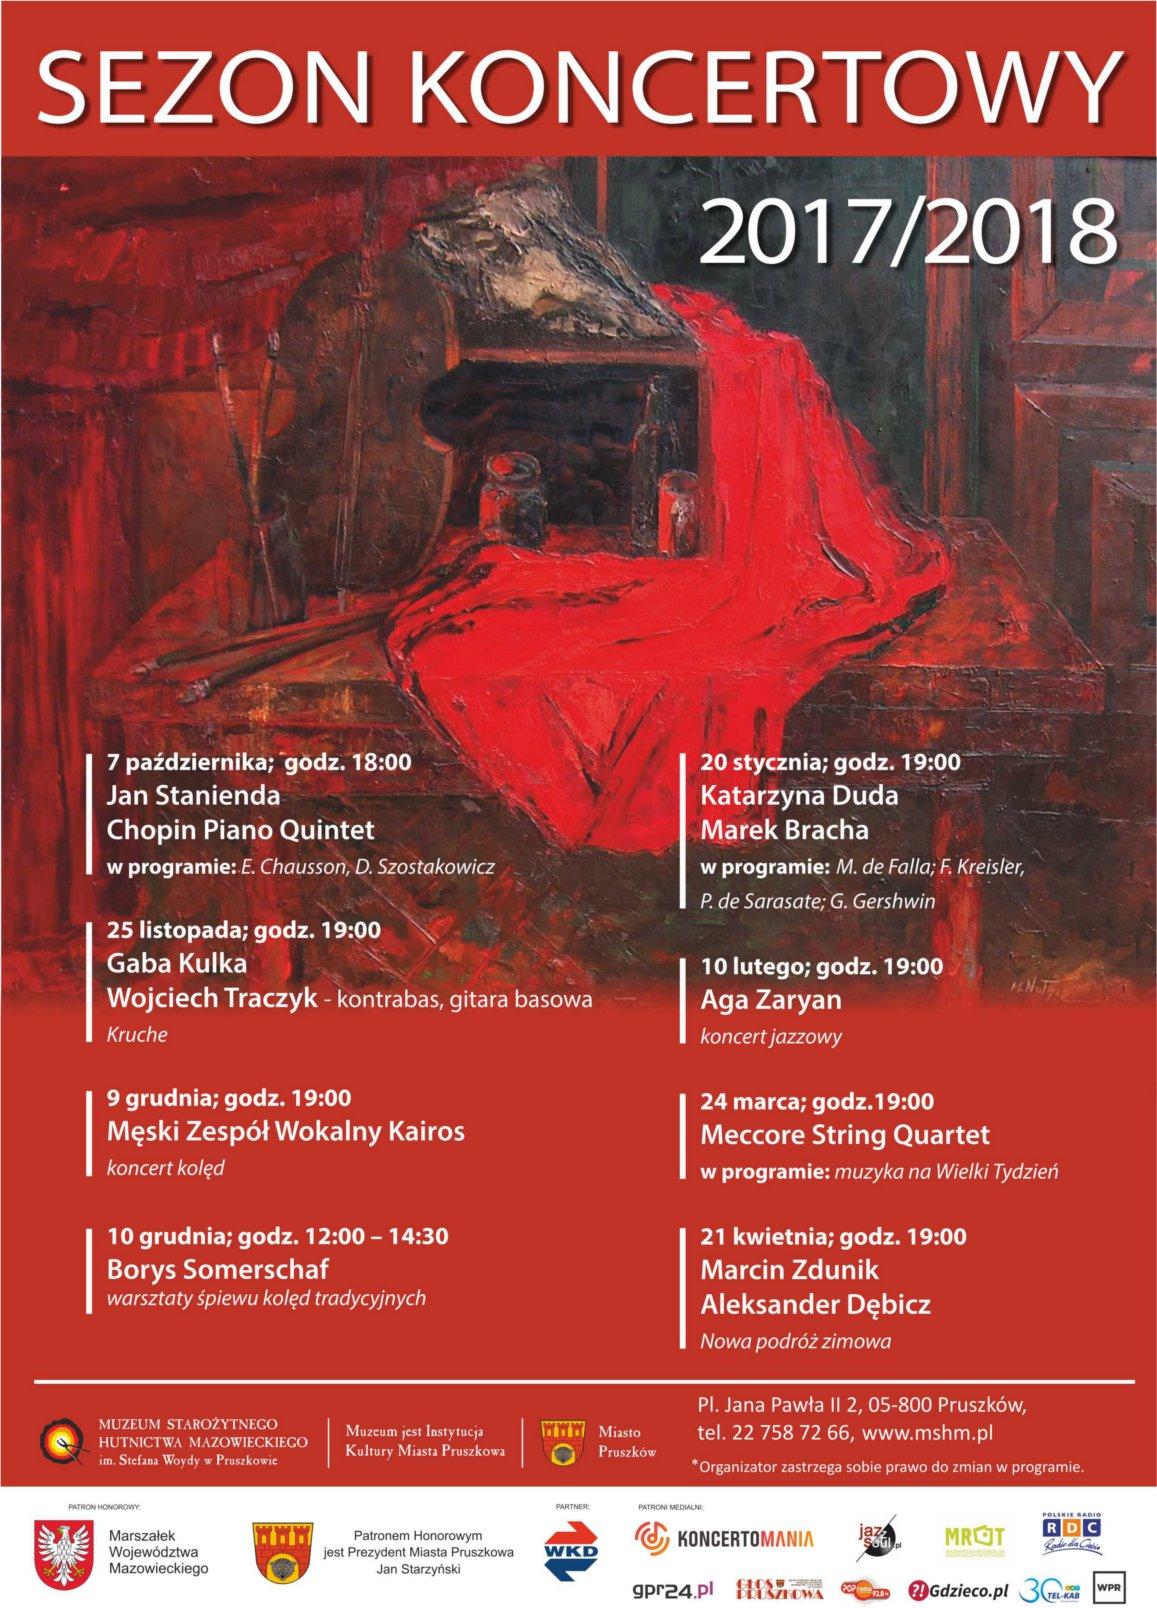 Sezon koncertowy 2017-2018